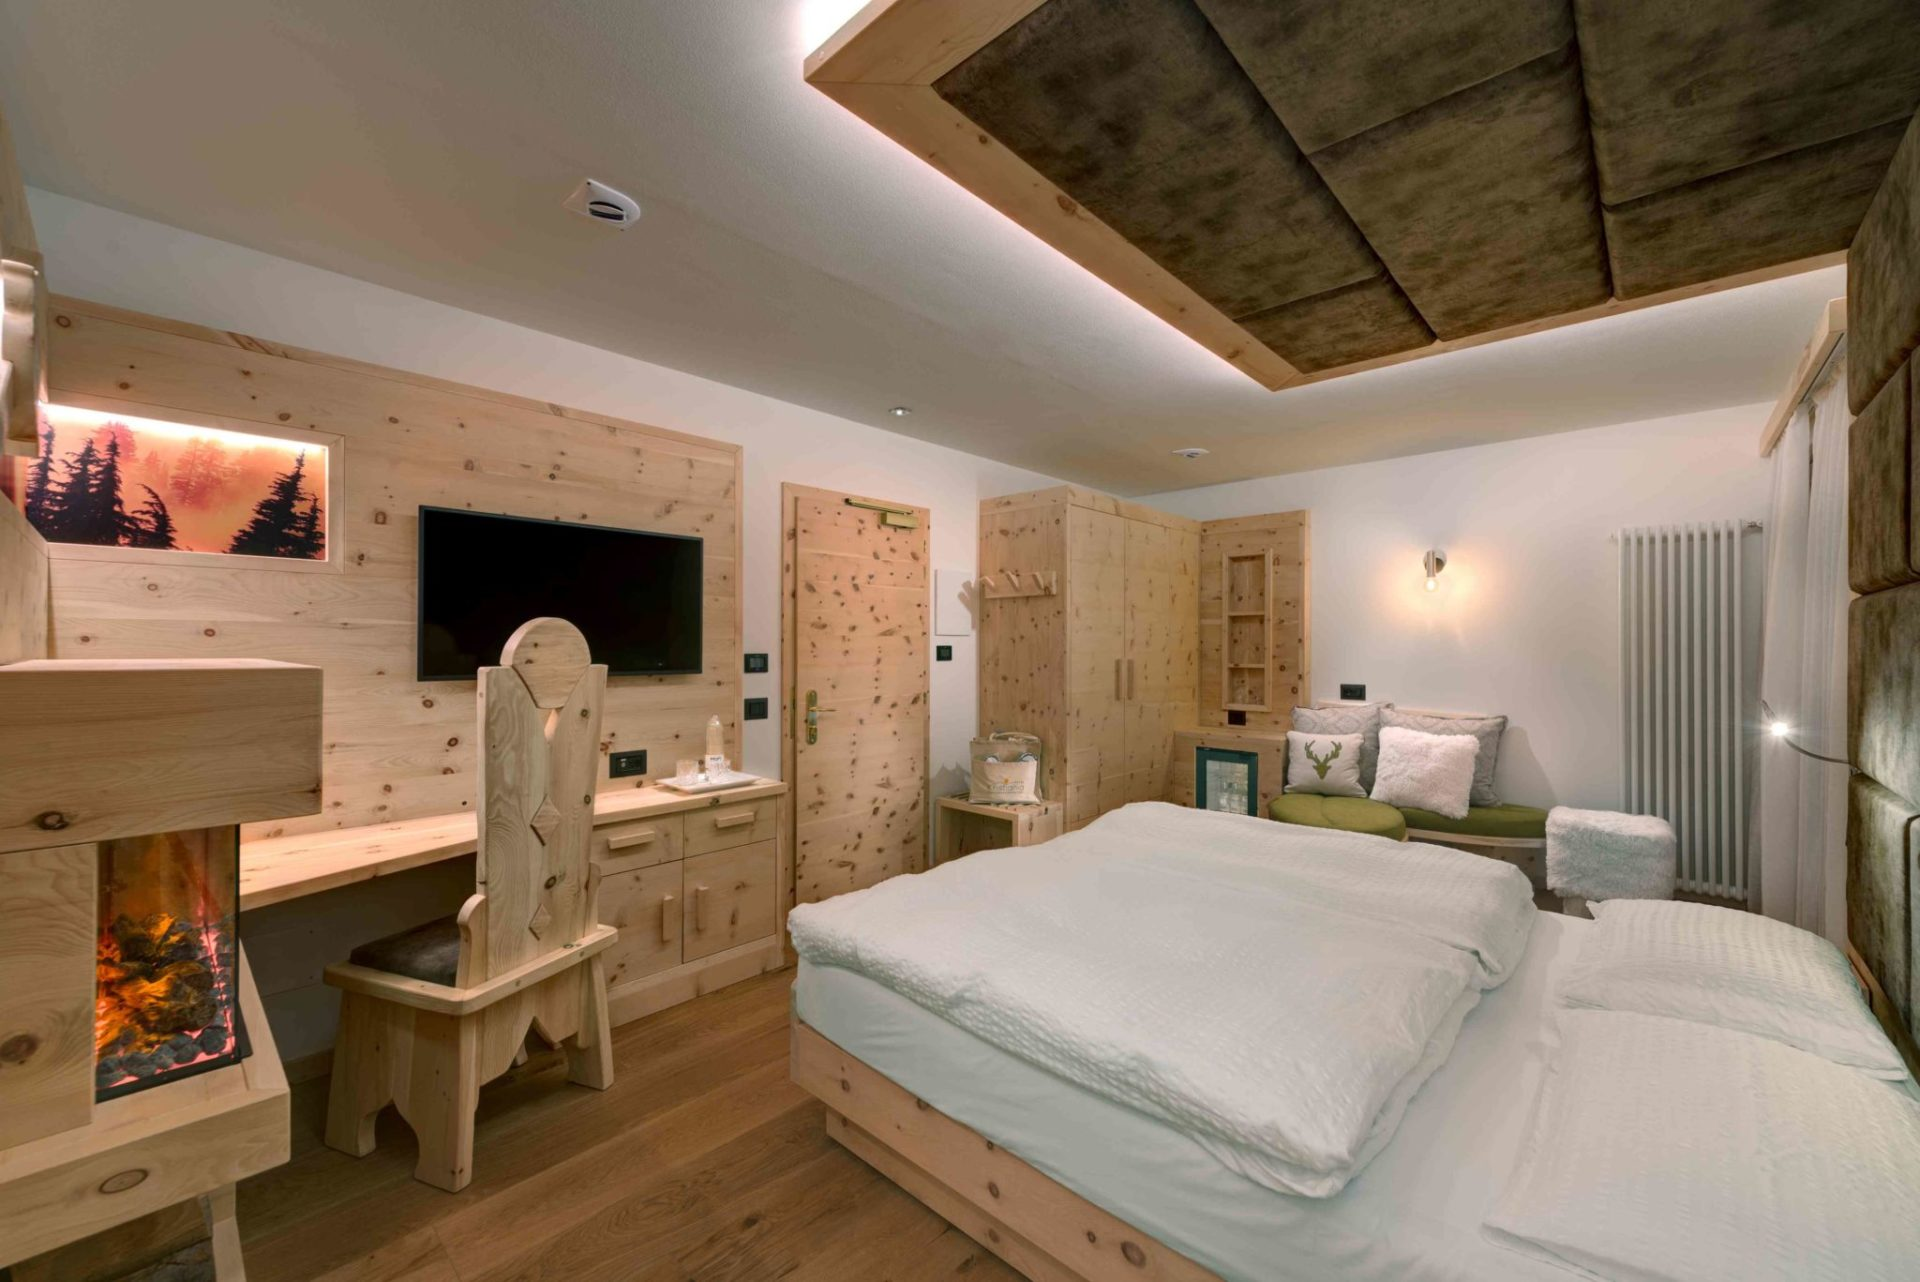 Immagine testata per Süße Erholung in den Zimmern unseres Hotels in Val di Sole